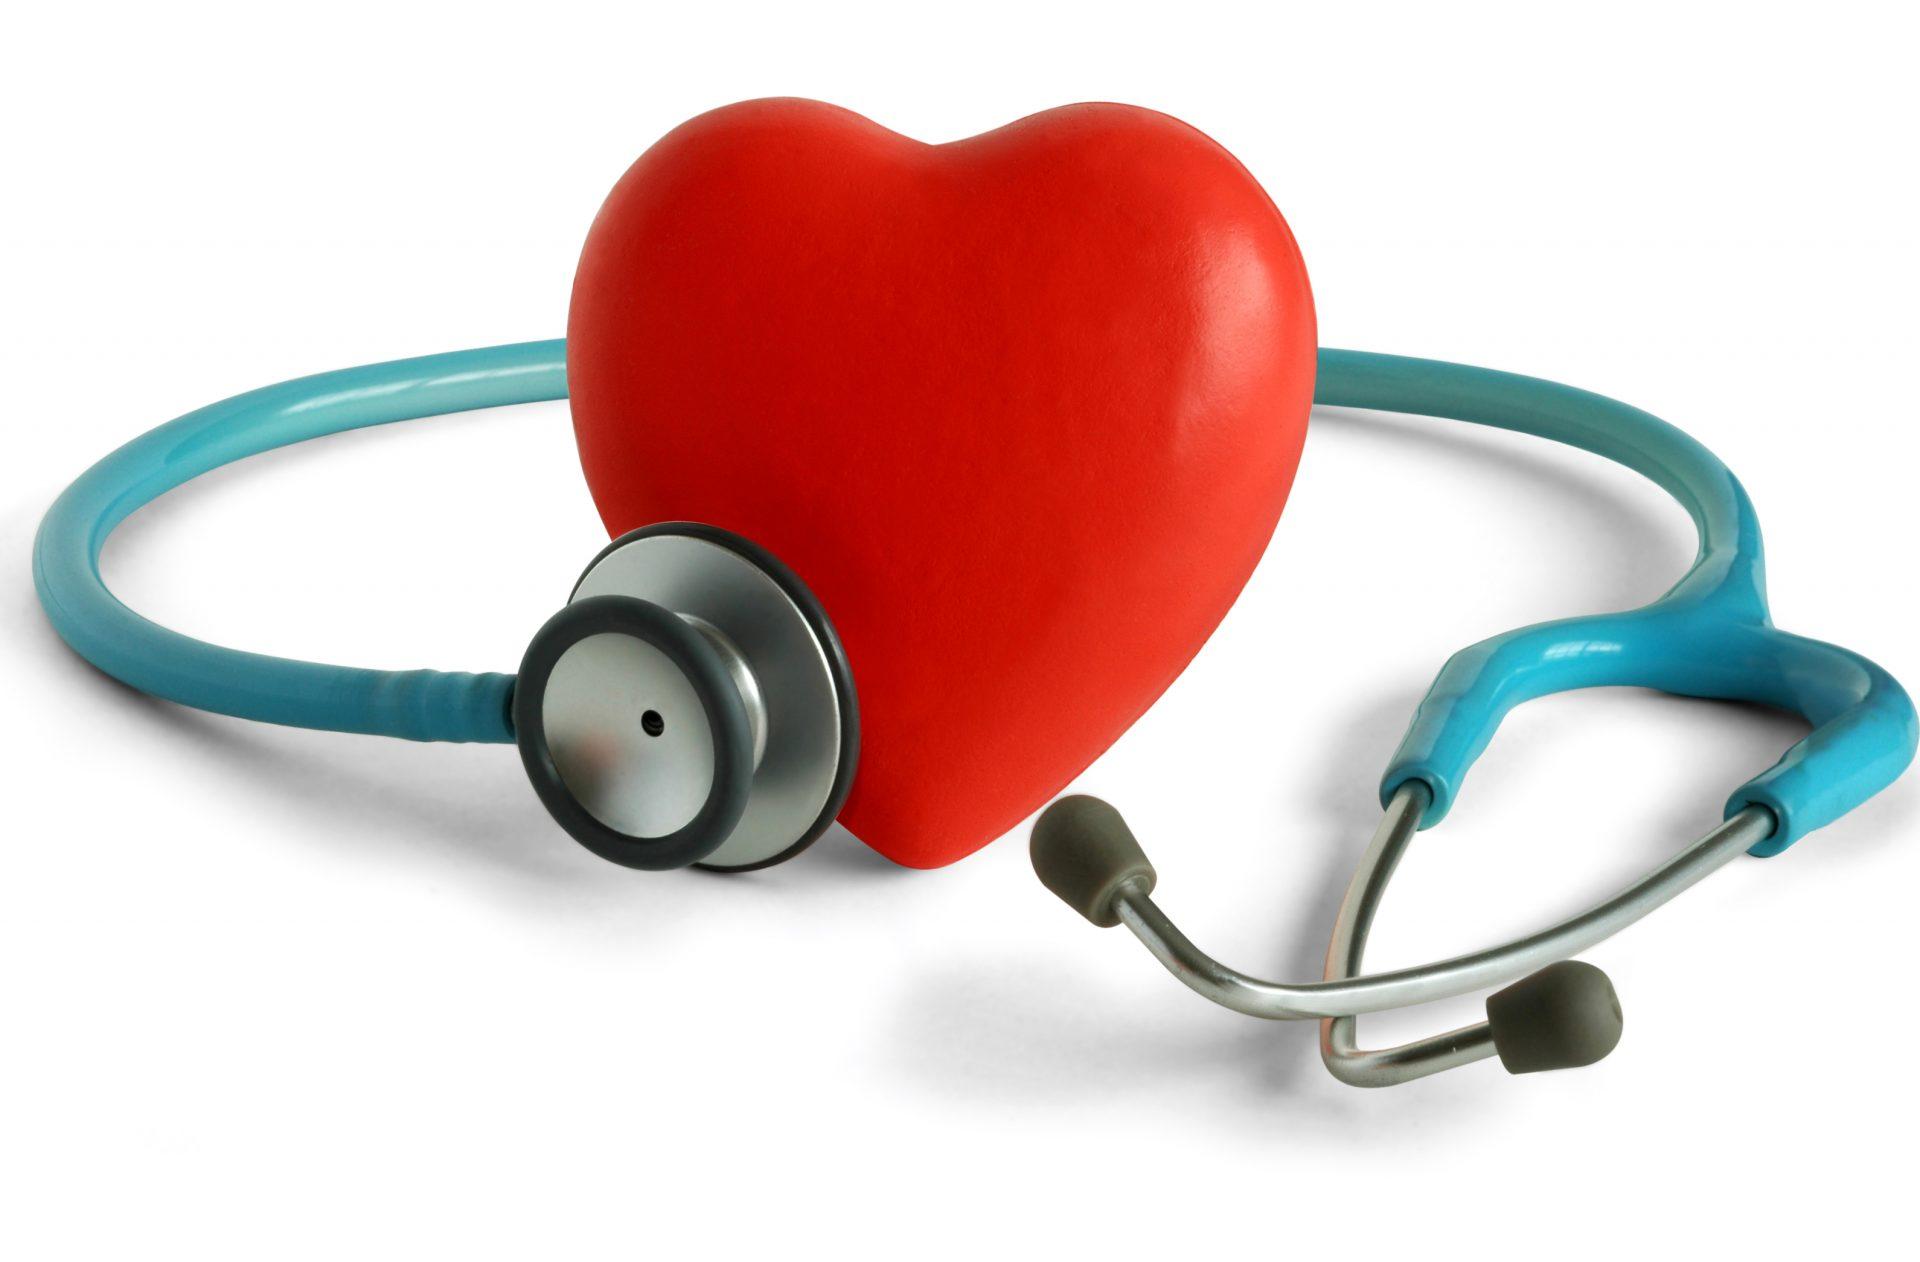 maisto papildų vartojimas sergant hipertenzija)